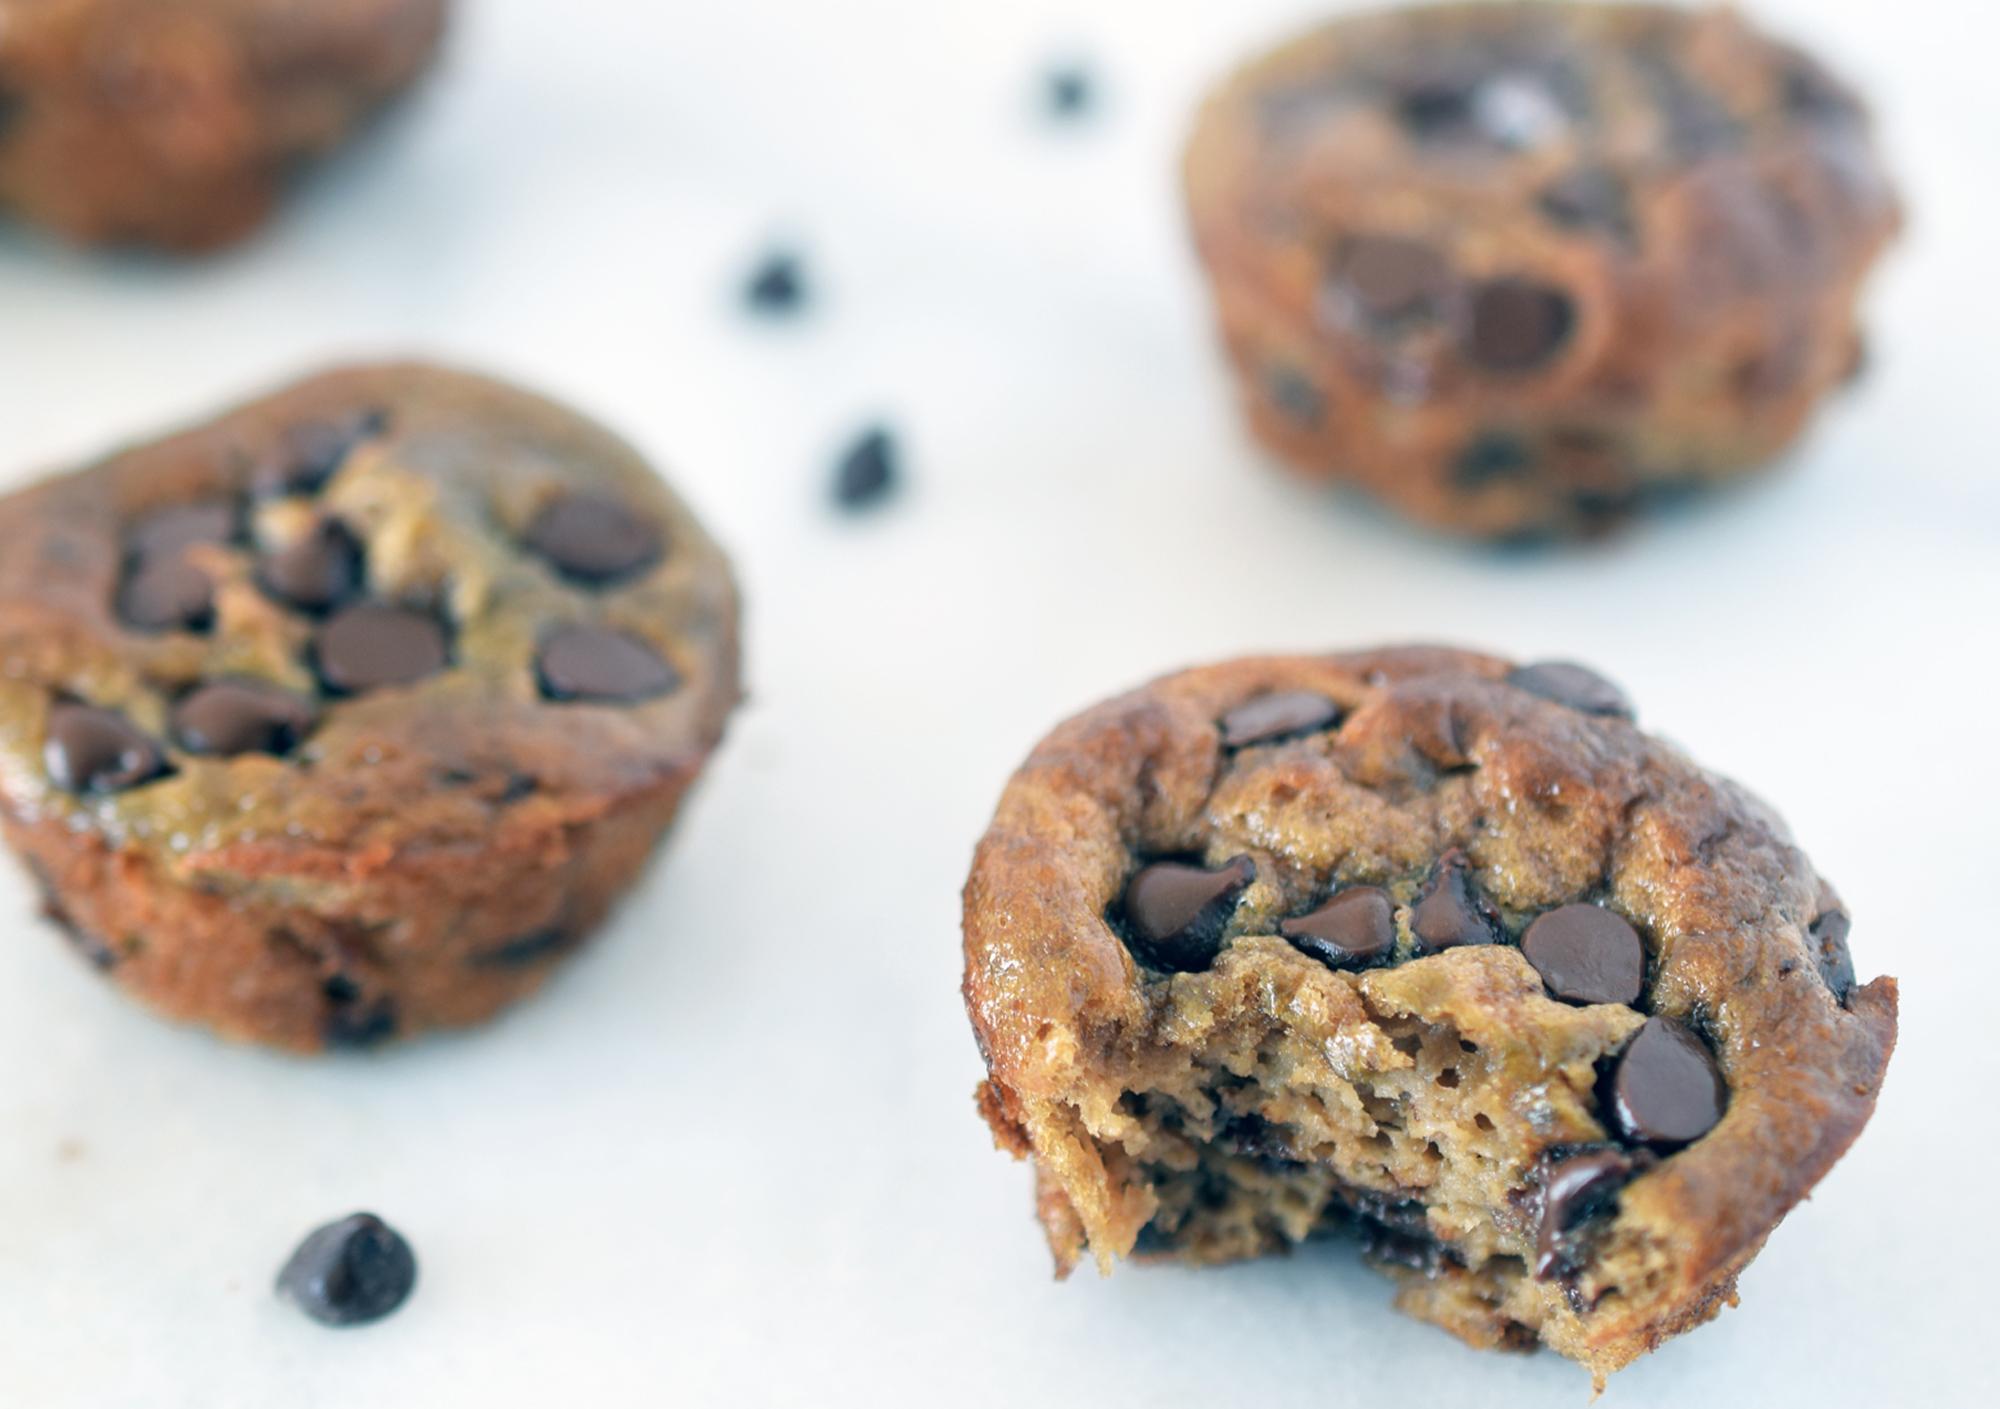 Flourless Sunbutter Banana Chocolate Muffins